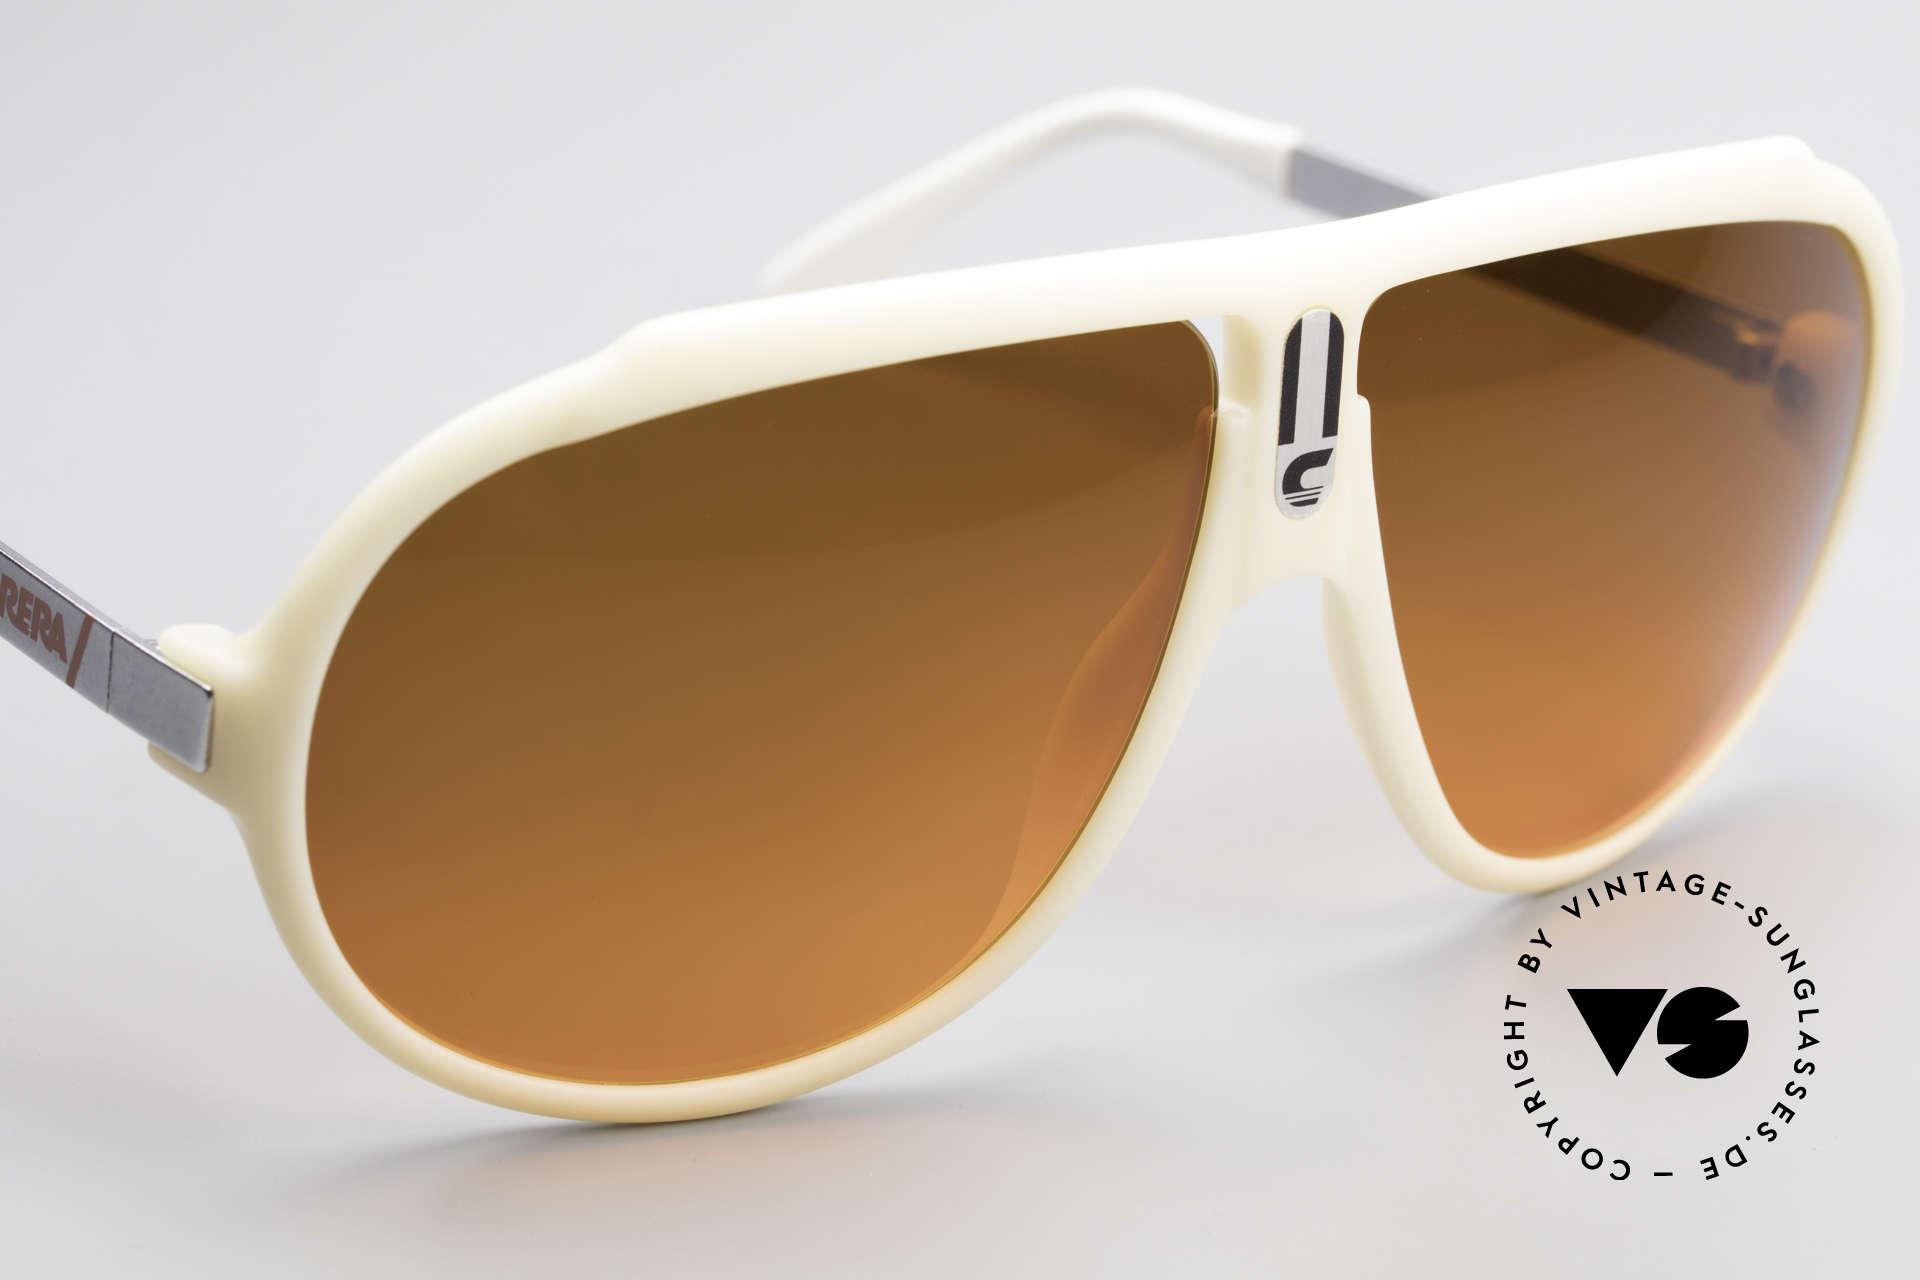 Carrera 5512 Miami Vice Sunset Sonnenbrille, KEINE RETROBRILLE, sondern ein altes 80er ORIGINAL, Passend für Herren